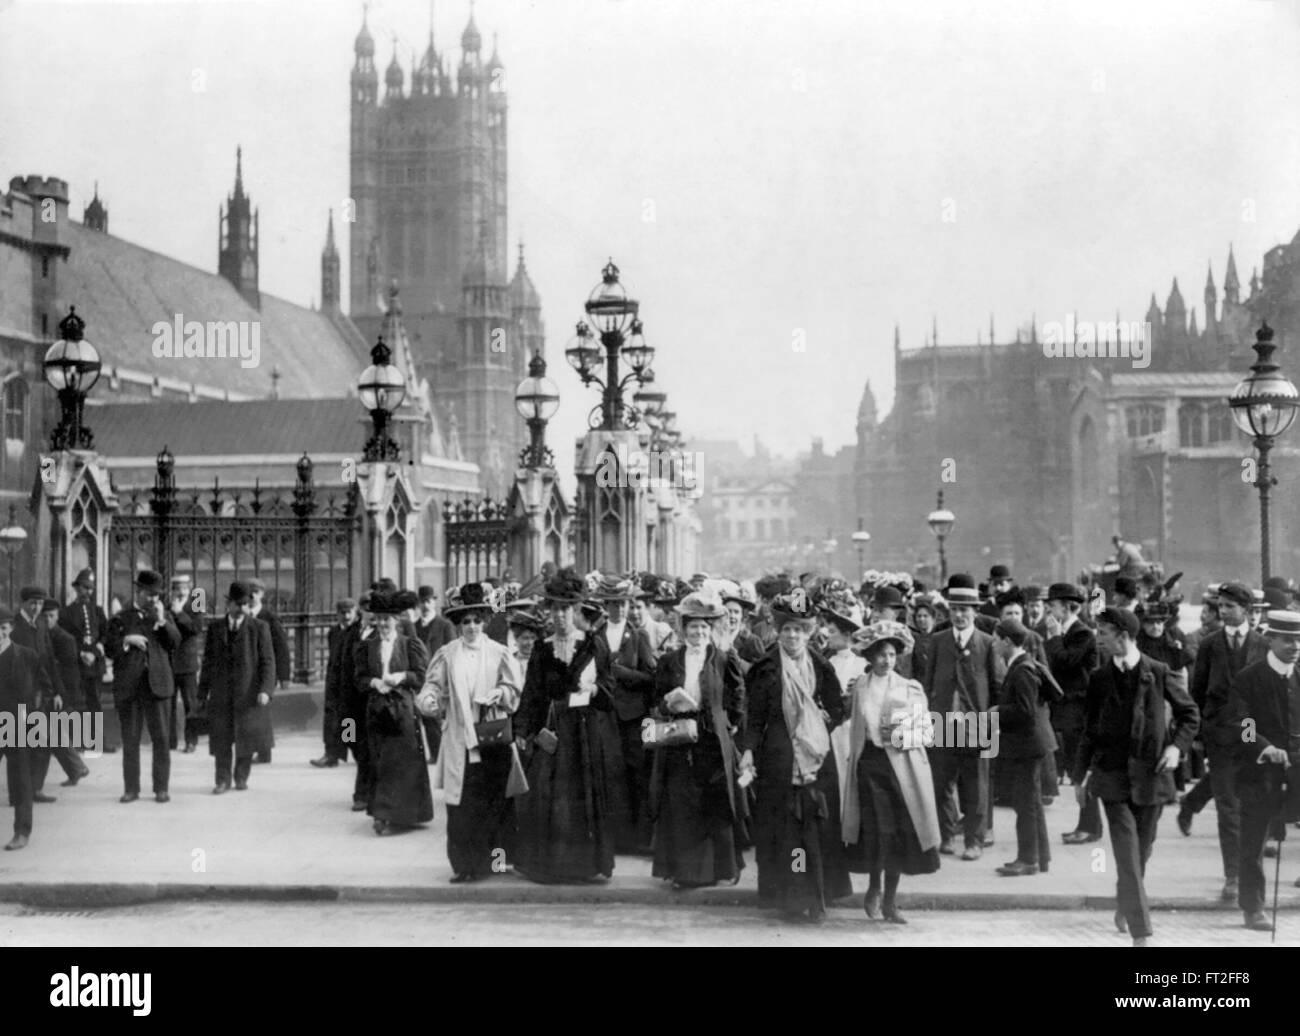 Suffragettes, Londra. Gruppo di suffragettes fuori le case del Parlamento europeo a Londra, Regno Unito c.1910 Immagini Stock